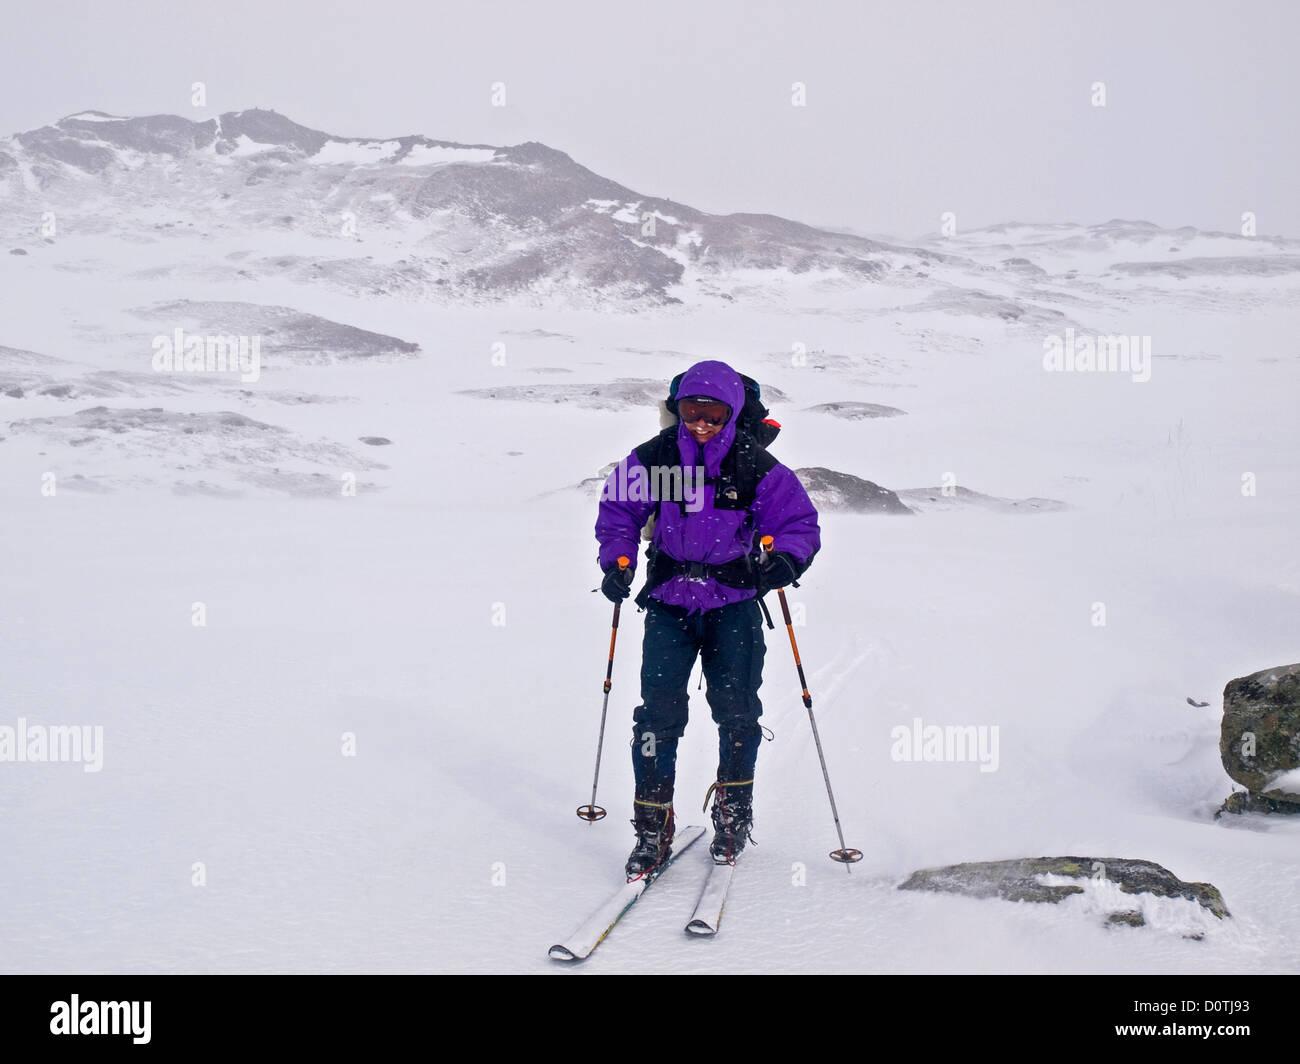 Man ski touring in poor weather the Hardanger region, Norway - Stock Image